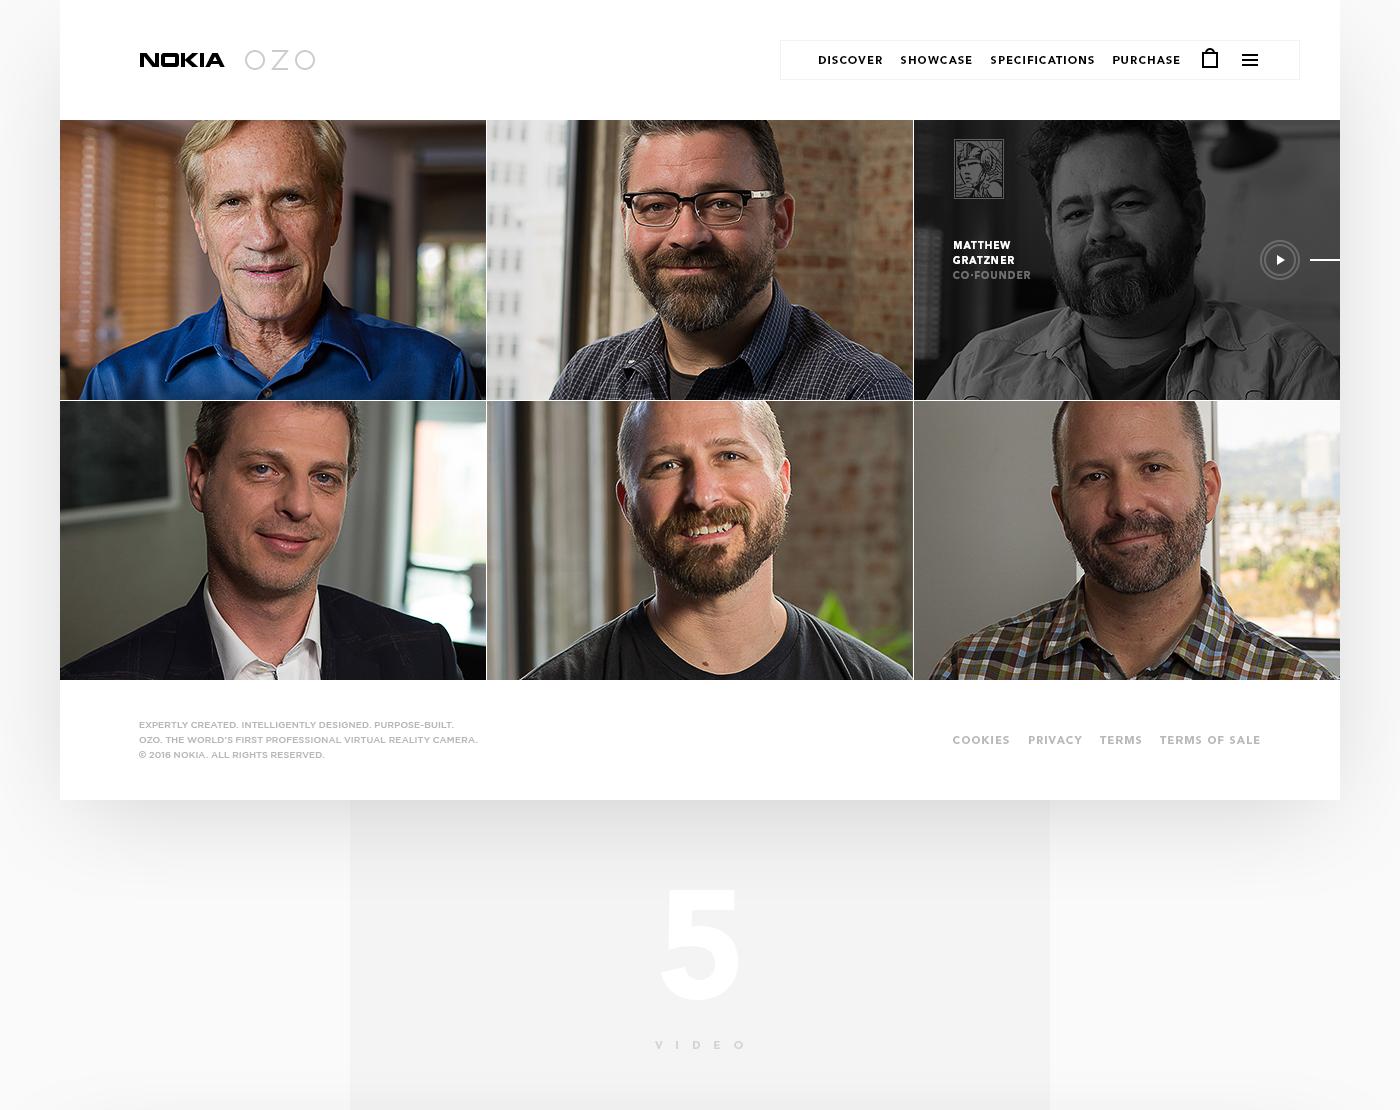 5 Projets de Branding, d'Identité ou de Redesign à voir #8